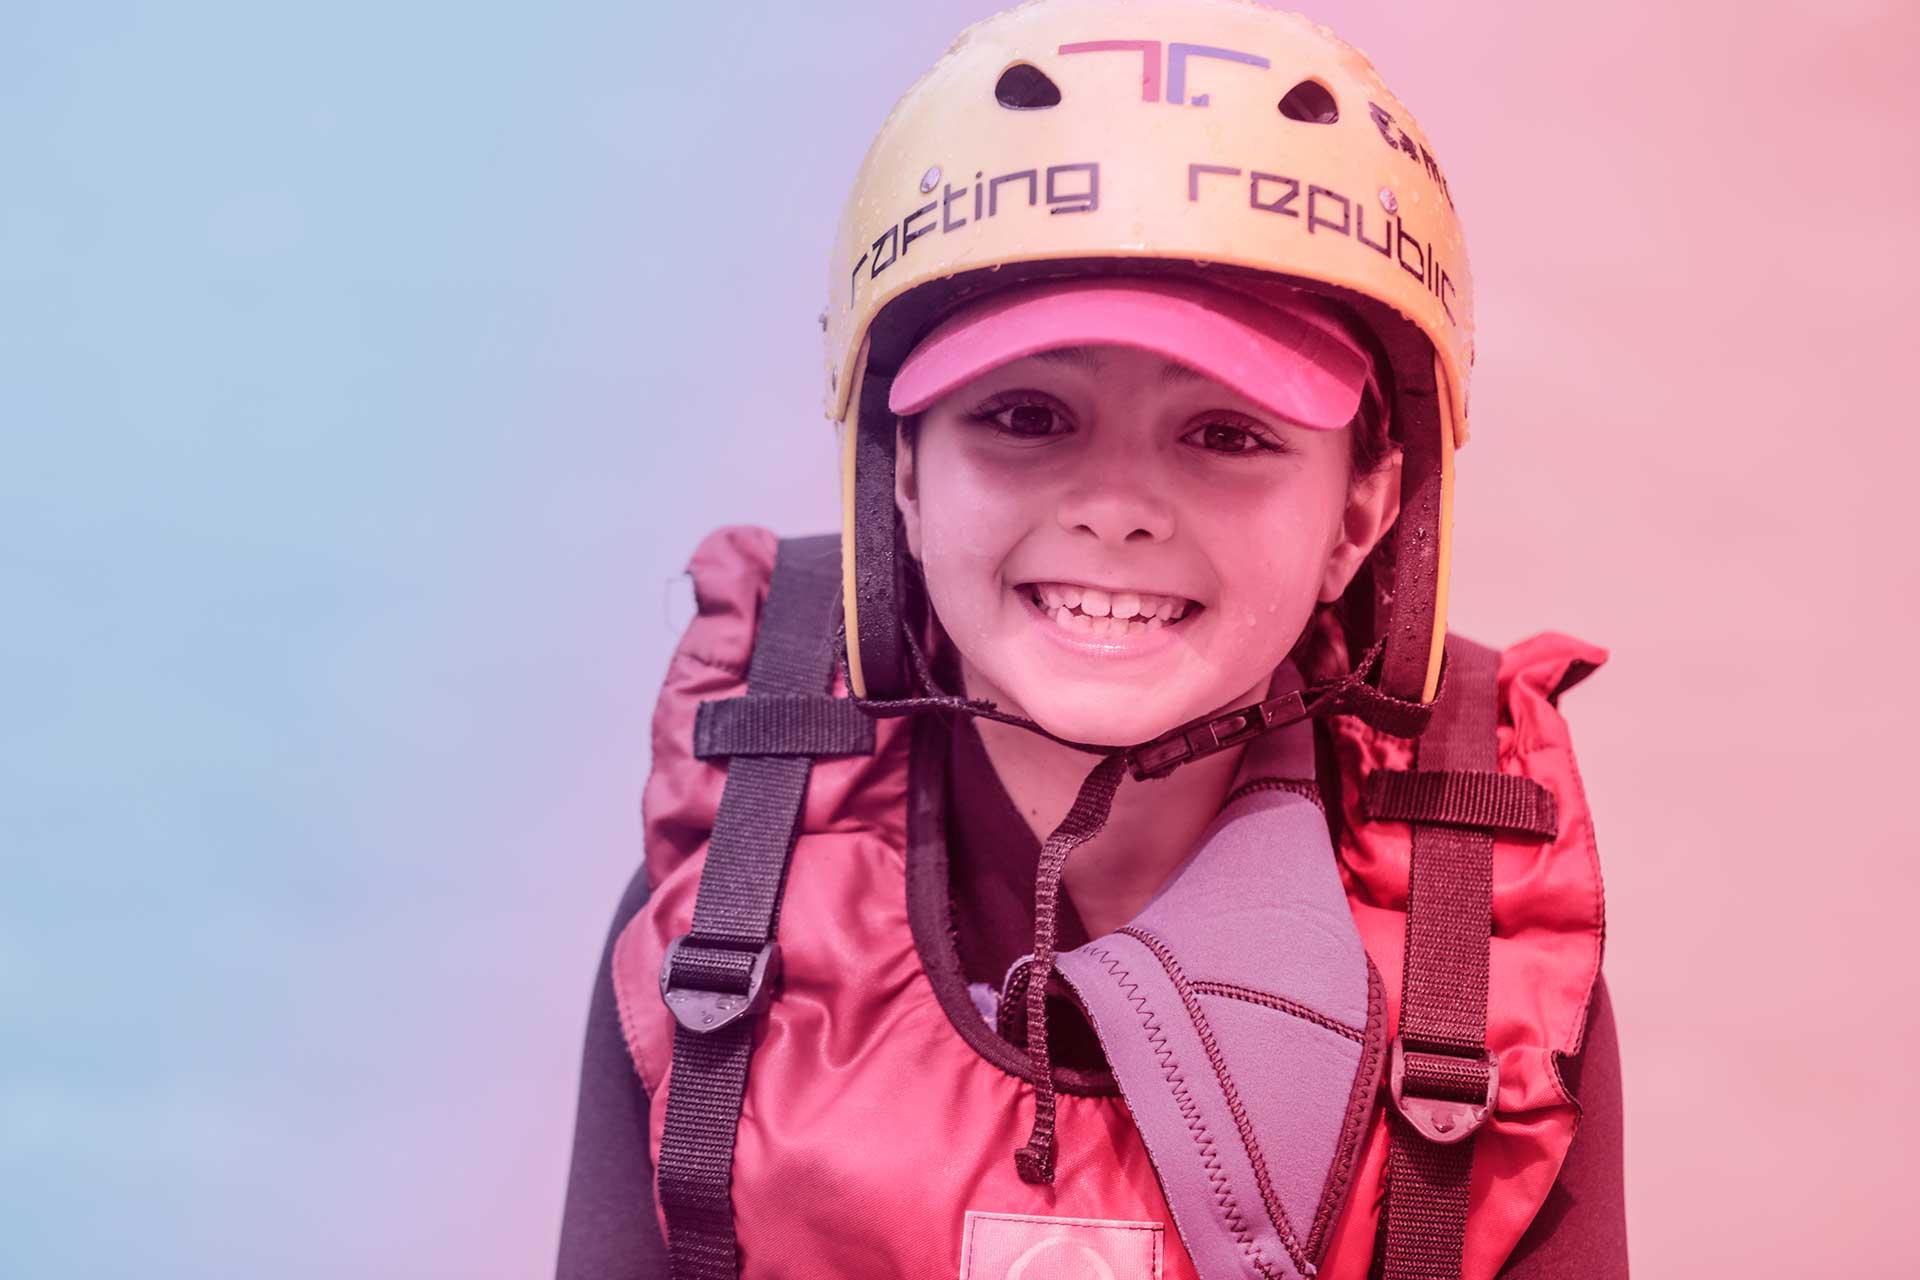 foto di bambino sorridente vestito da rafting